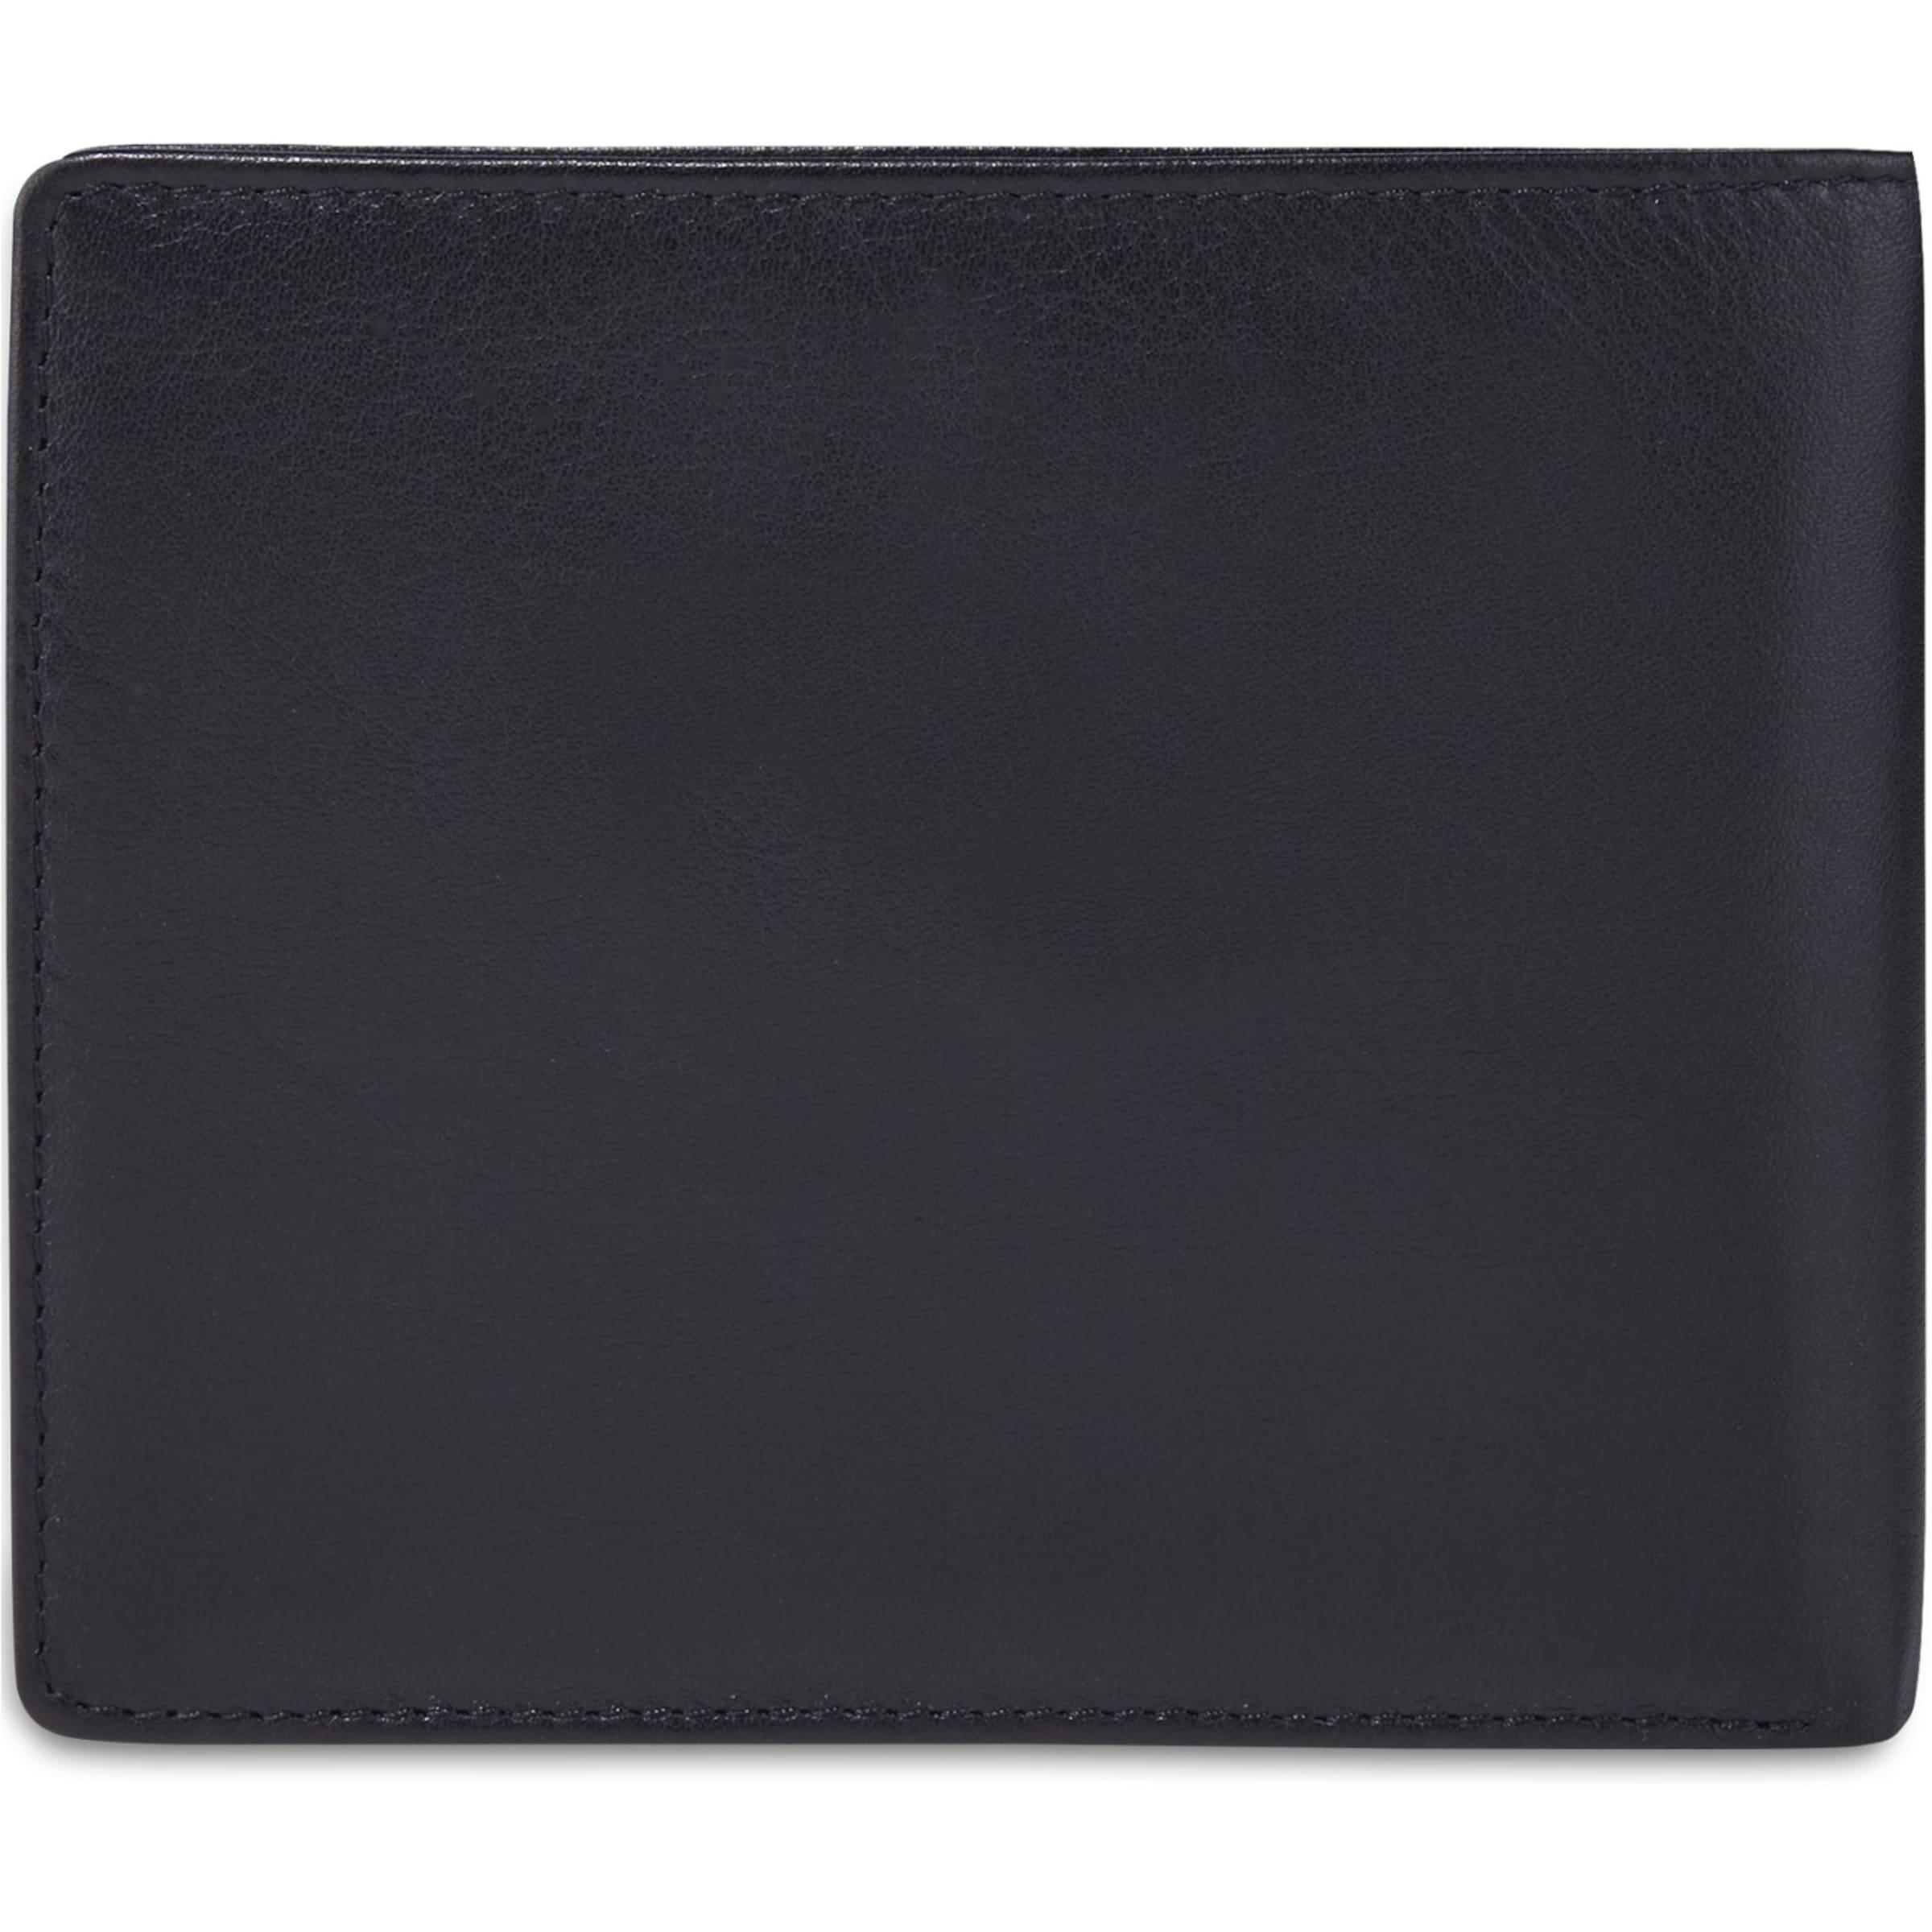 Aaa Qualität Picard Brooklyn Geldbörse Leder 12 cm Spielraum Beliebt Verkauf Vorbestellung c48G1enh